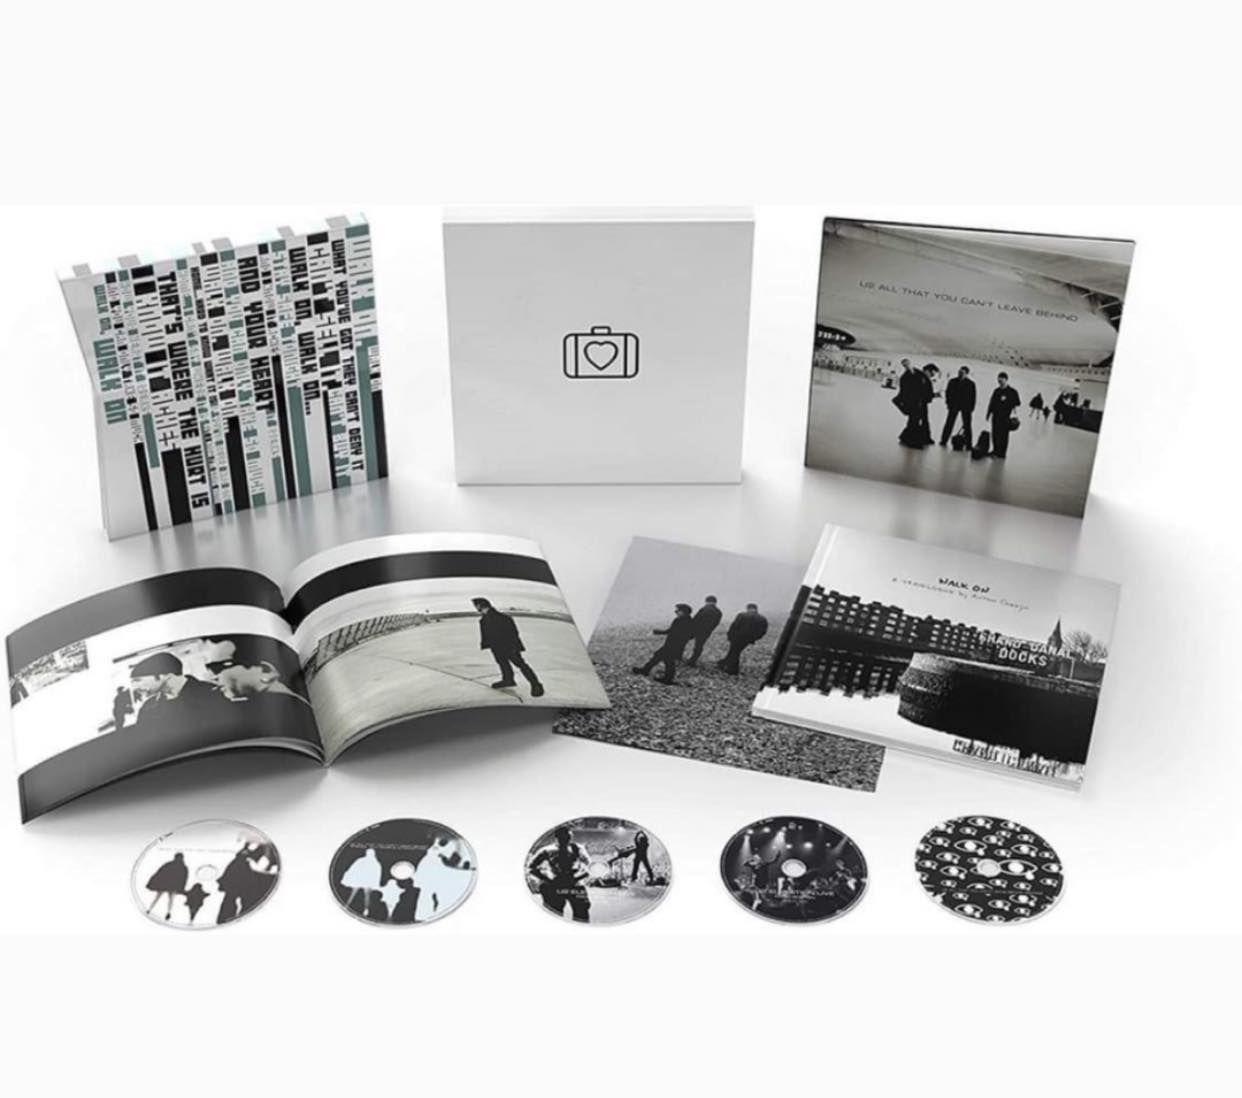 U2 annonce son 20e anniversaire «  Tout ce que vous ne pouvez pas laisser de côté  »